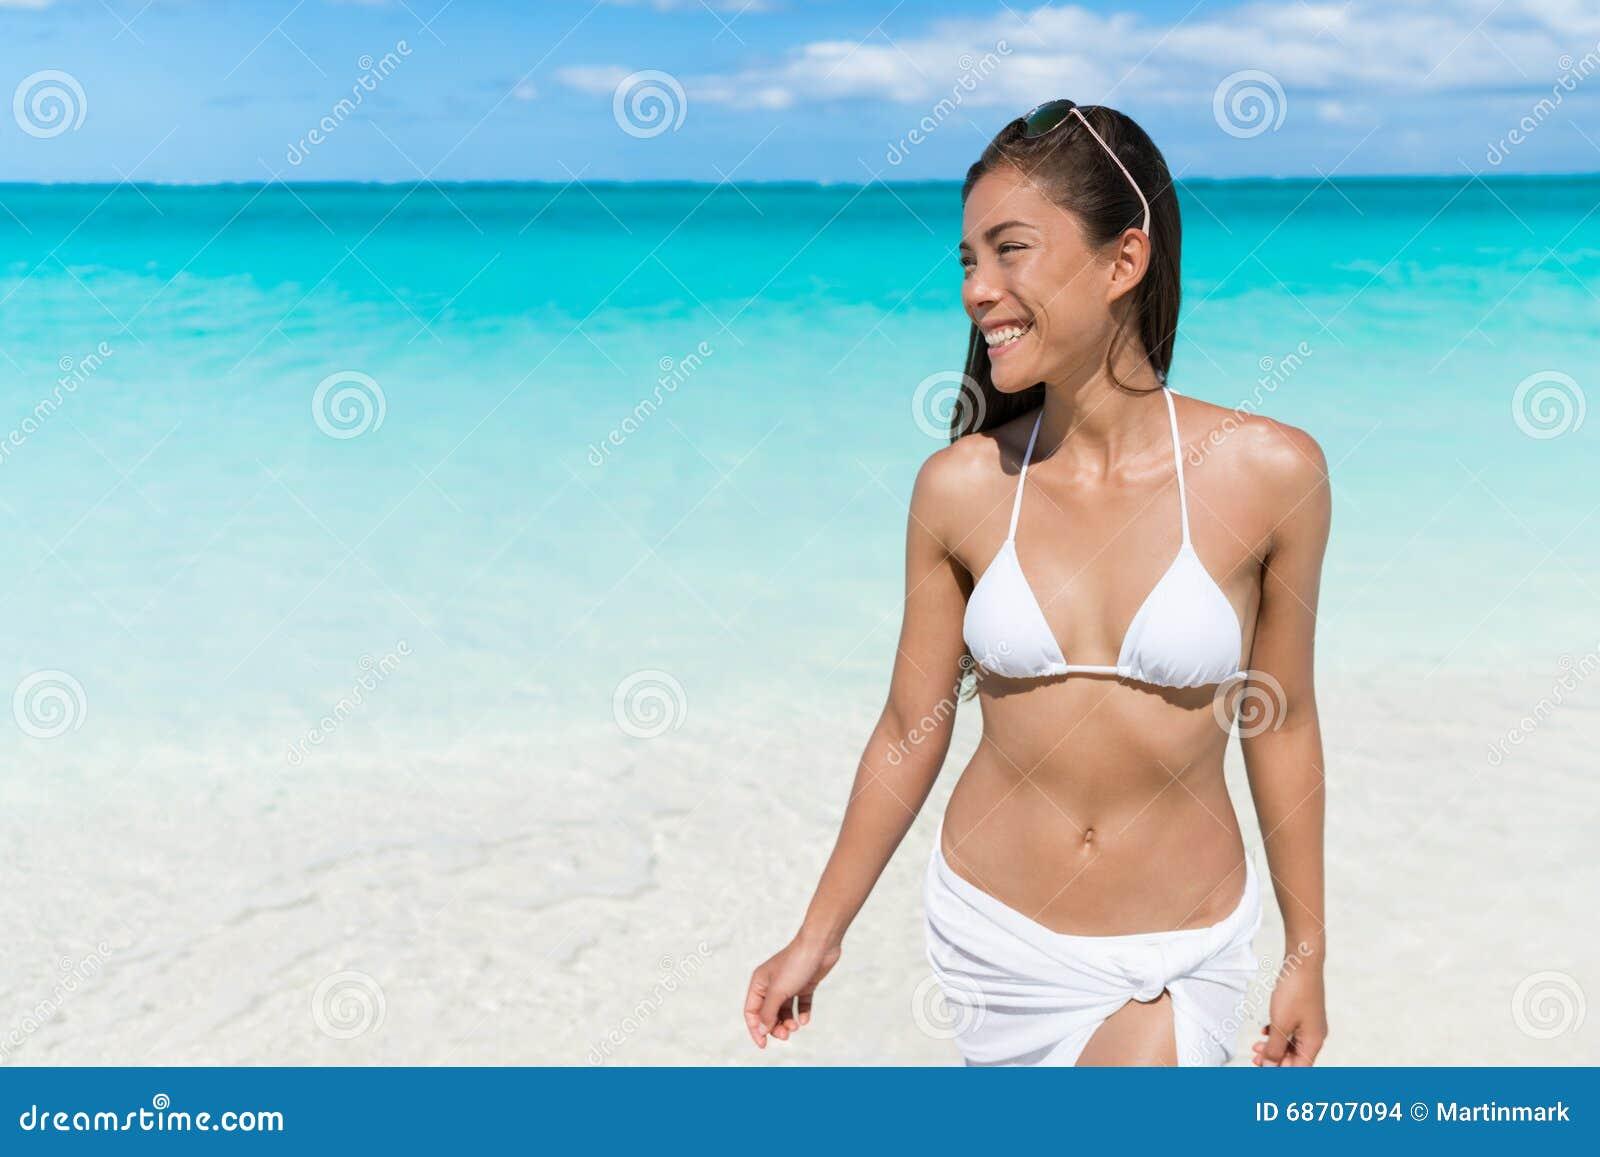 Beach Asian bikini